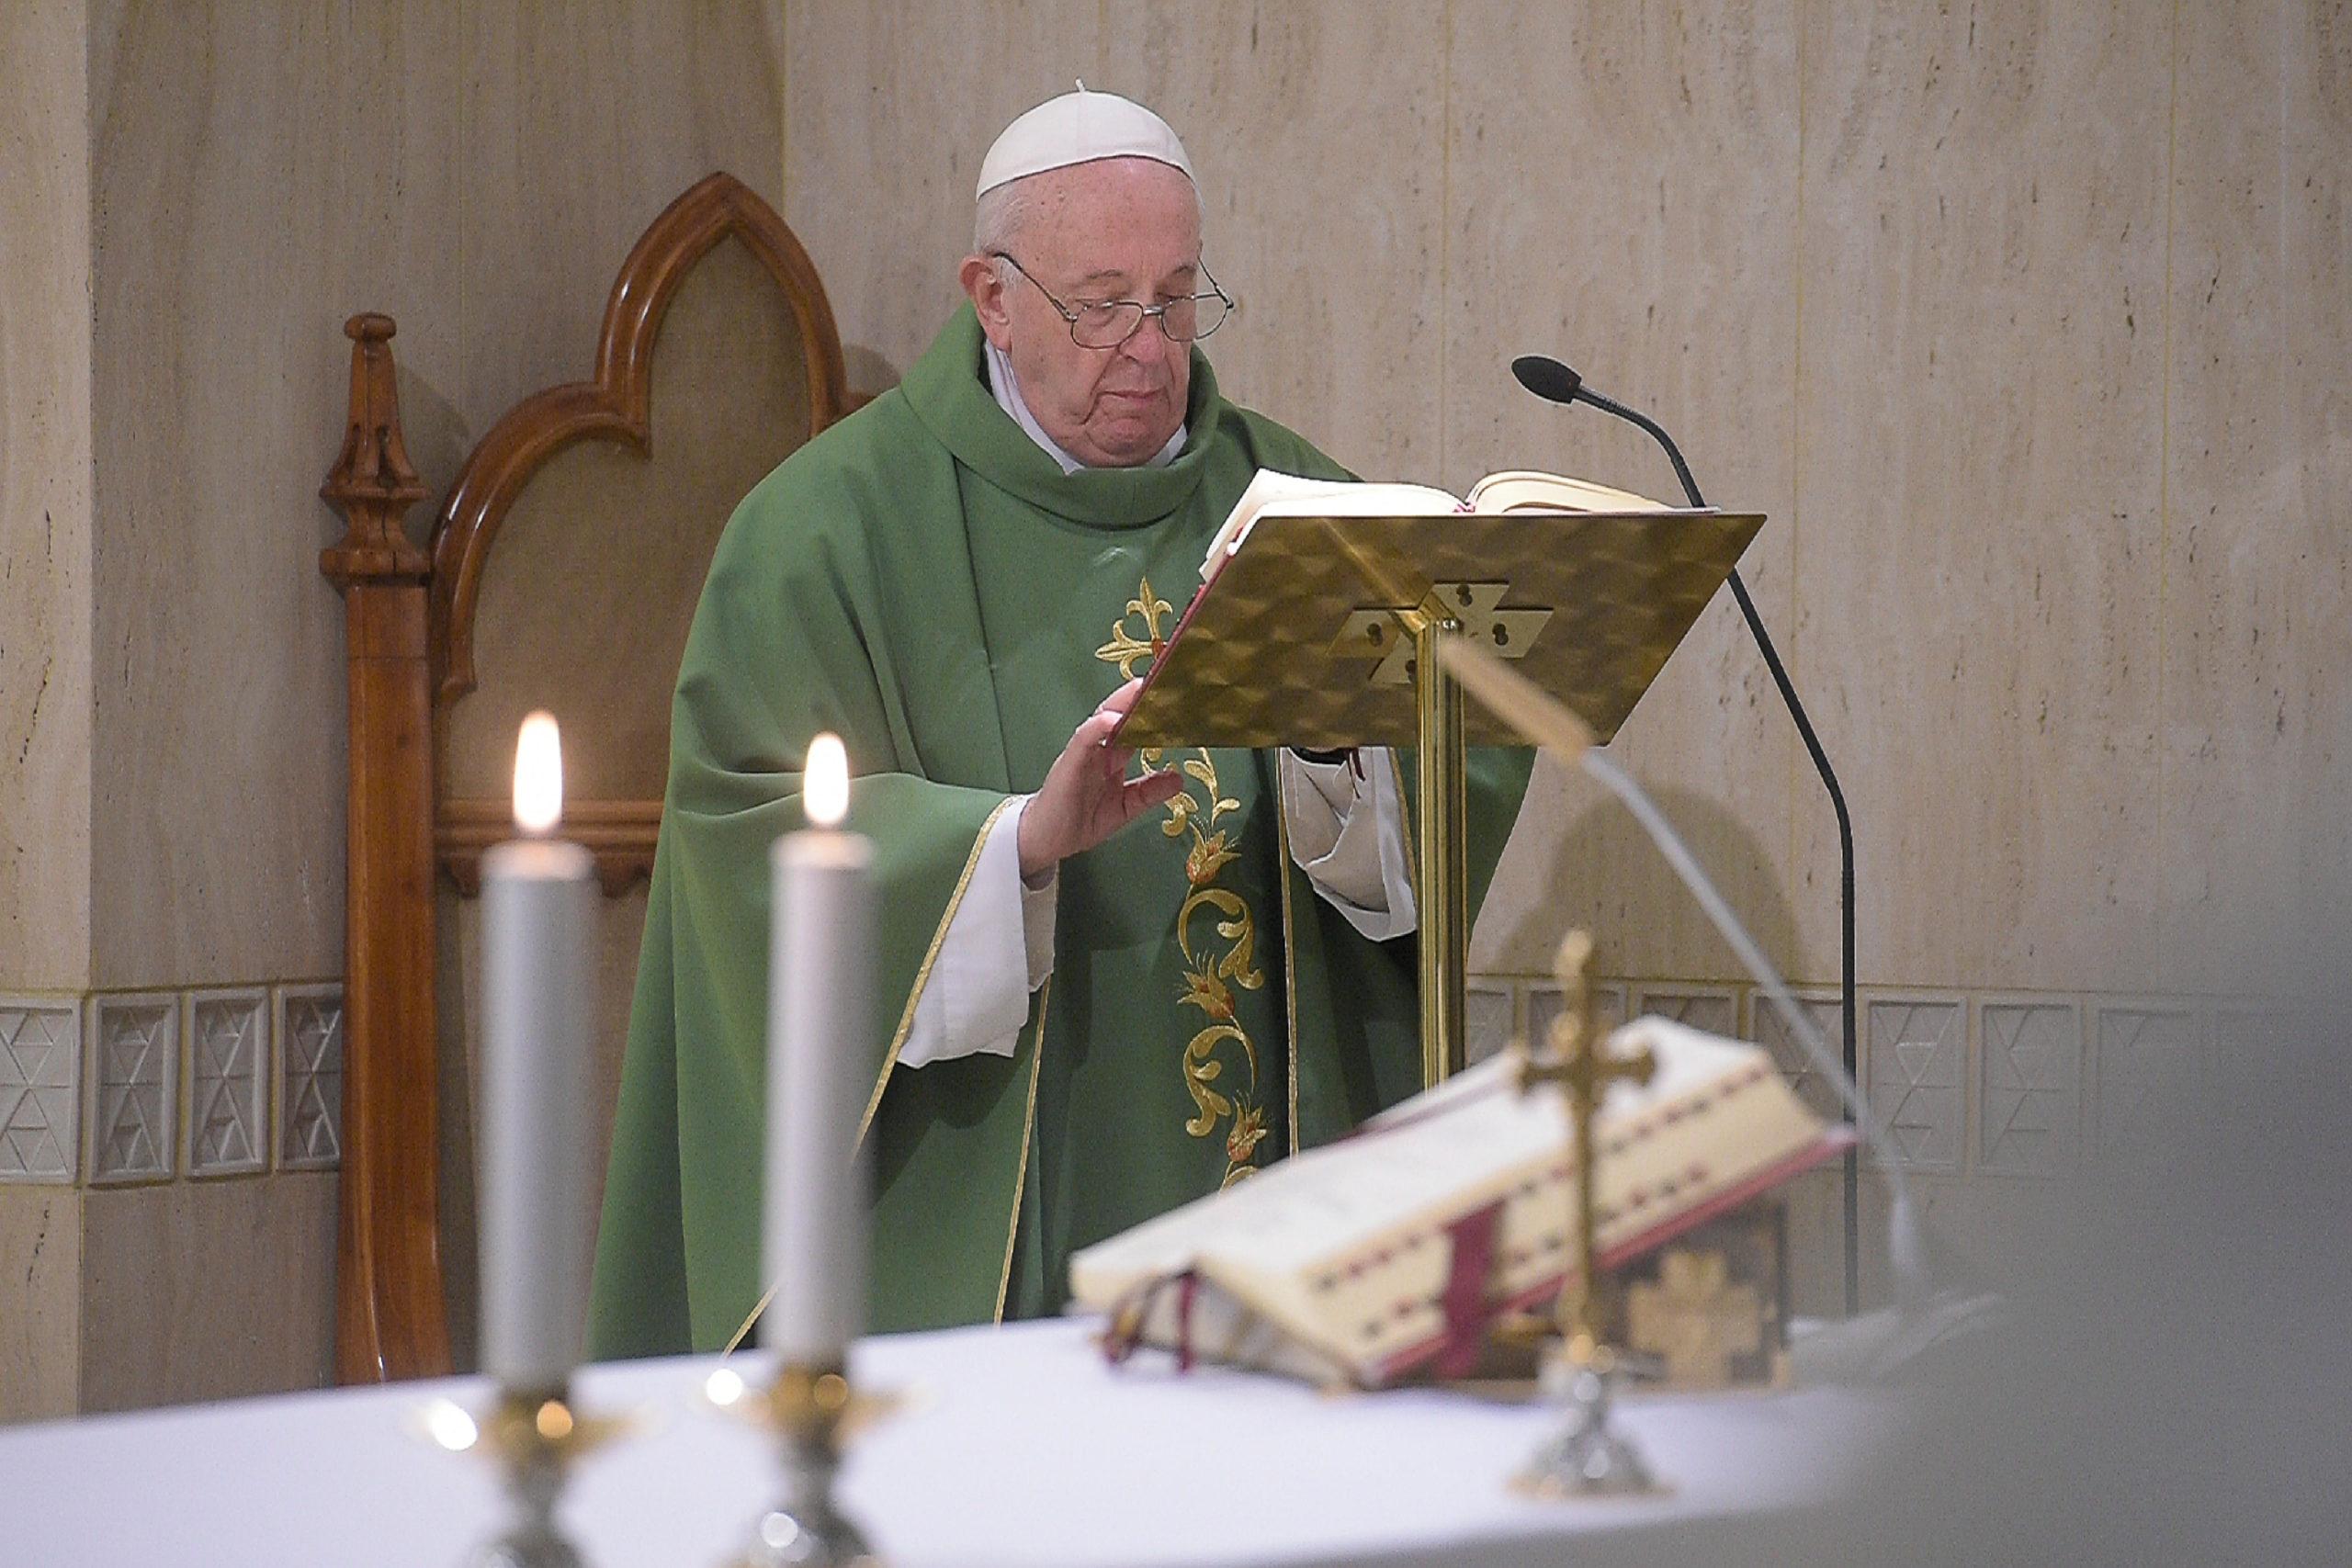 Messe à Ste-Marthe: l'autorité n'est pas le commandement, mais la cohérence 00014_14012020-scaled